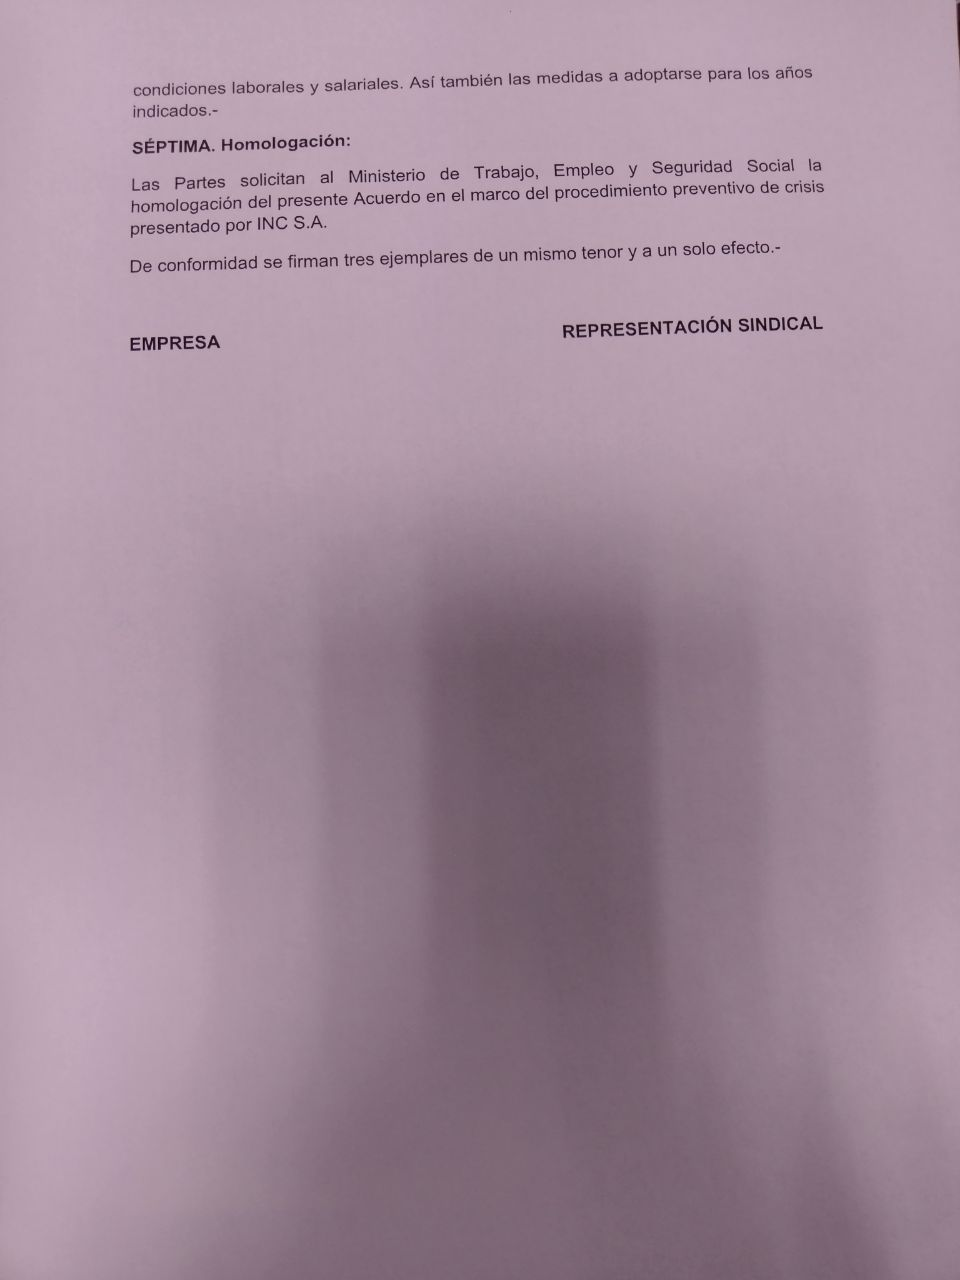 Atractivo Tareas De Recepcionista Para Reanudar Cresta - Ejemplo De ...